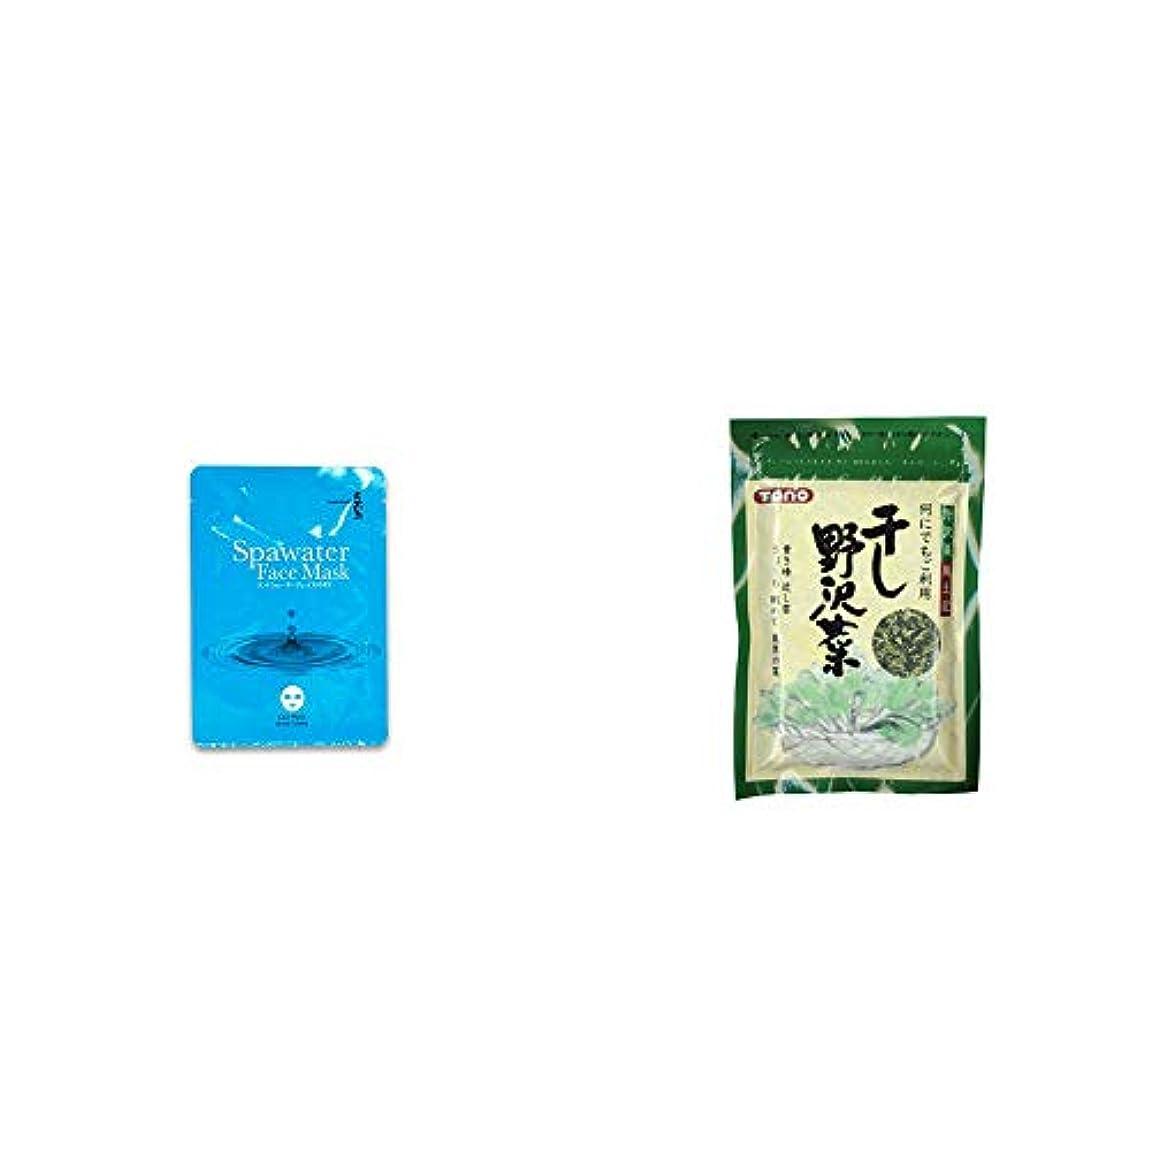 キュービックシェトランド諸島ラケット[2点セット] ひのき炭黒泉 スパウォーターフェイスマスク(18ml×3枚入)?干し野沢菜(100g)